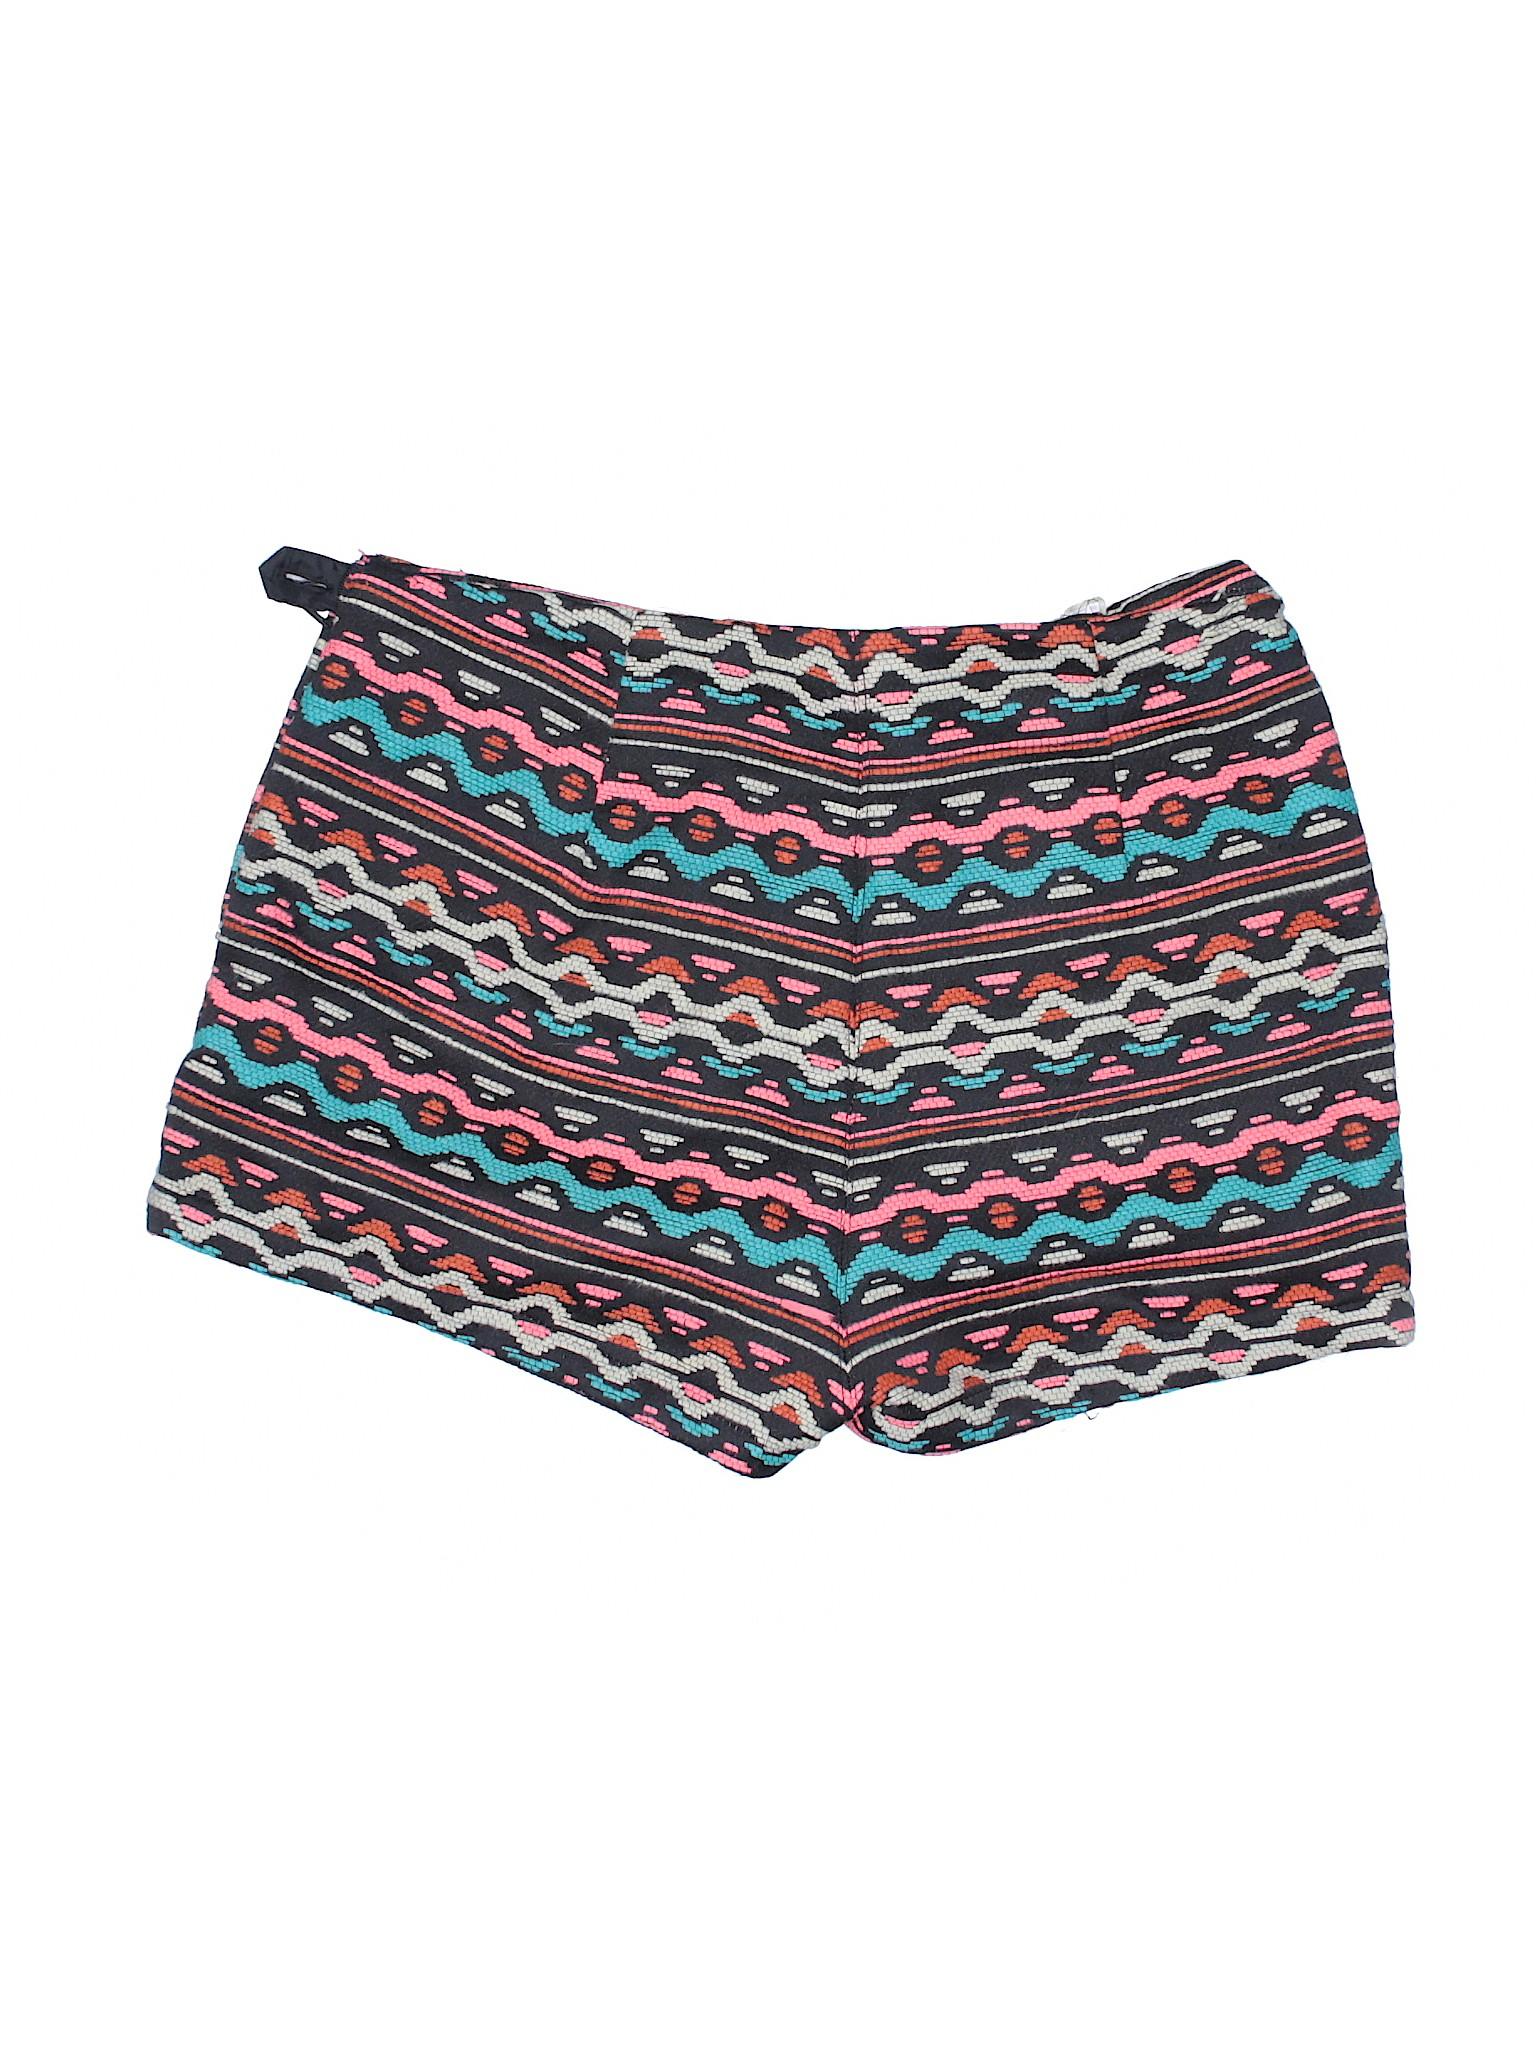 Coachella amp;M Loves H Boutique Shorts wHP4p7q